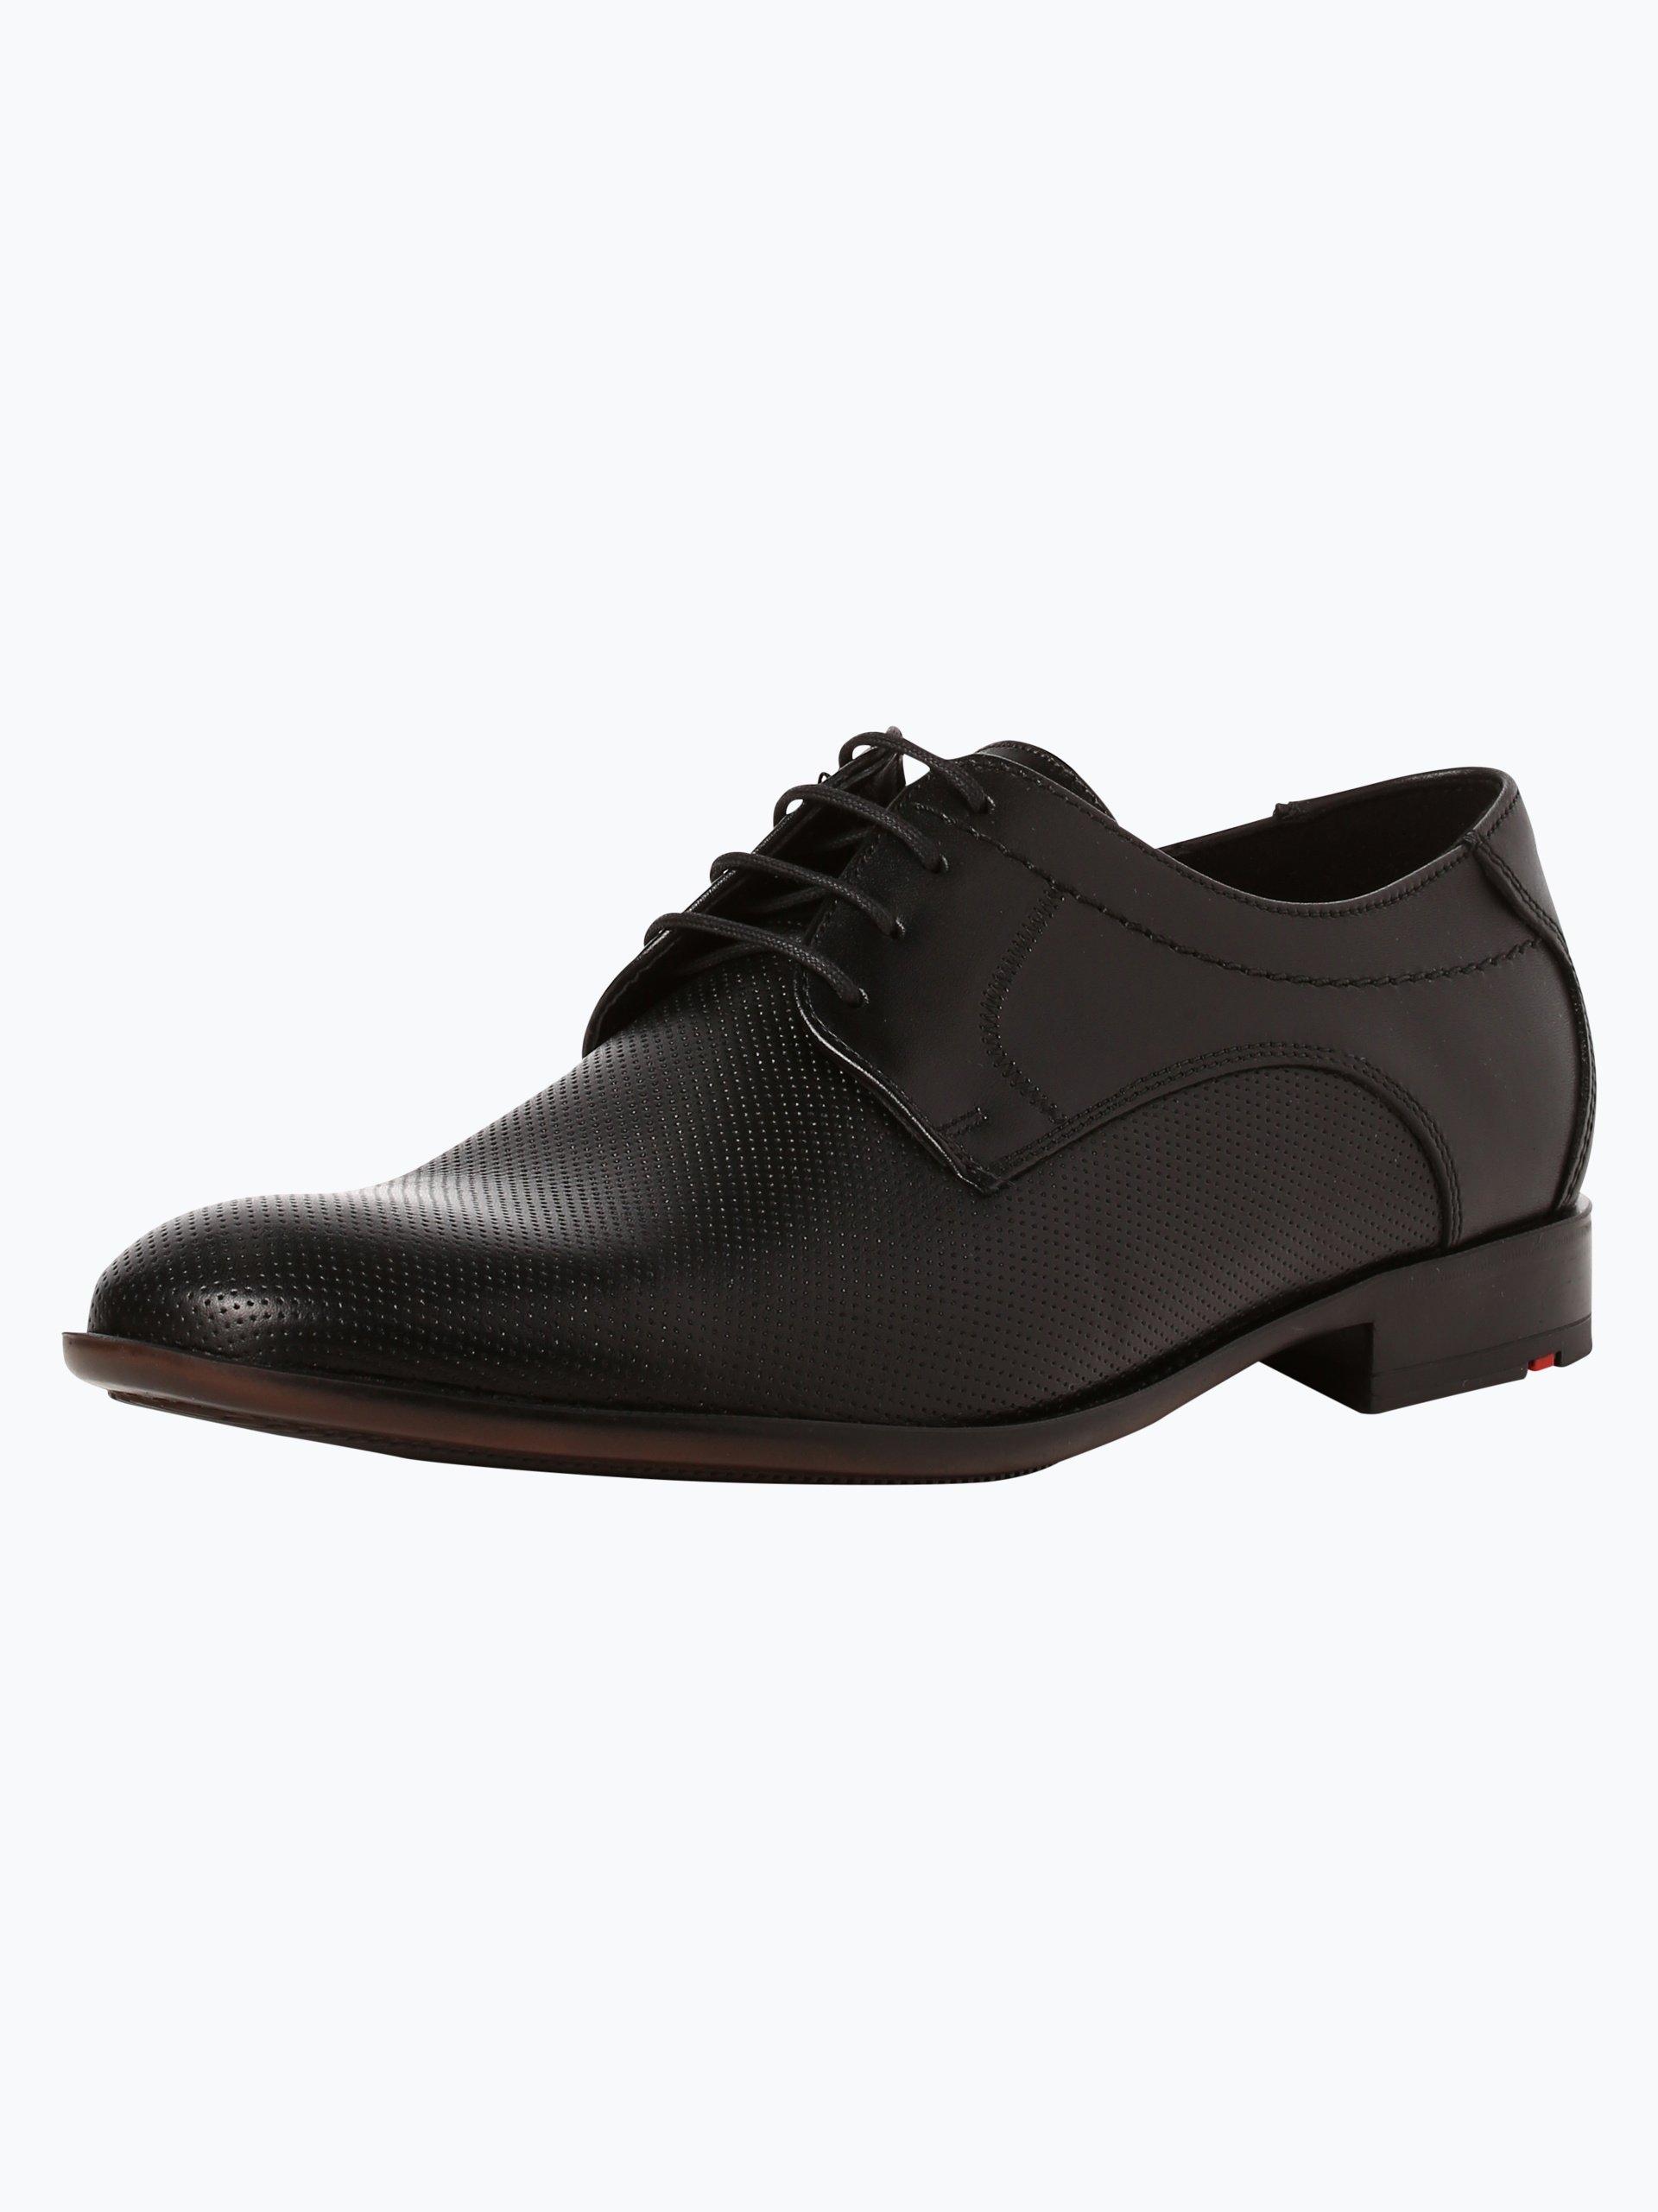 Lloyd Męskie buty sznurowane ze skóry – Galdo